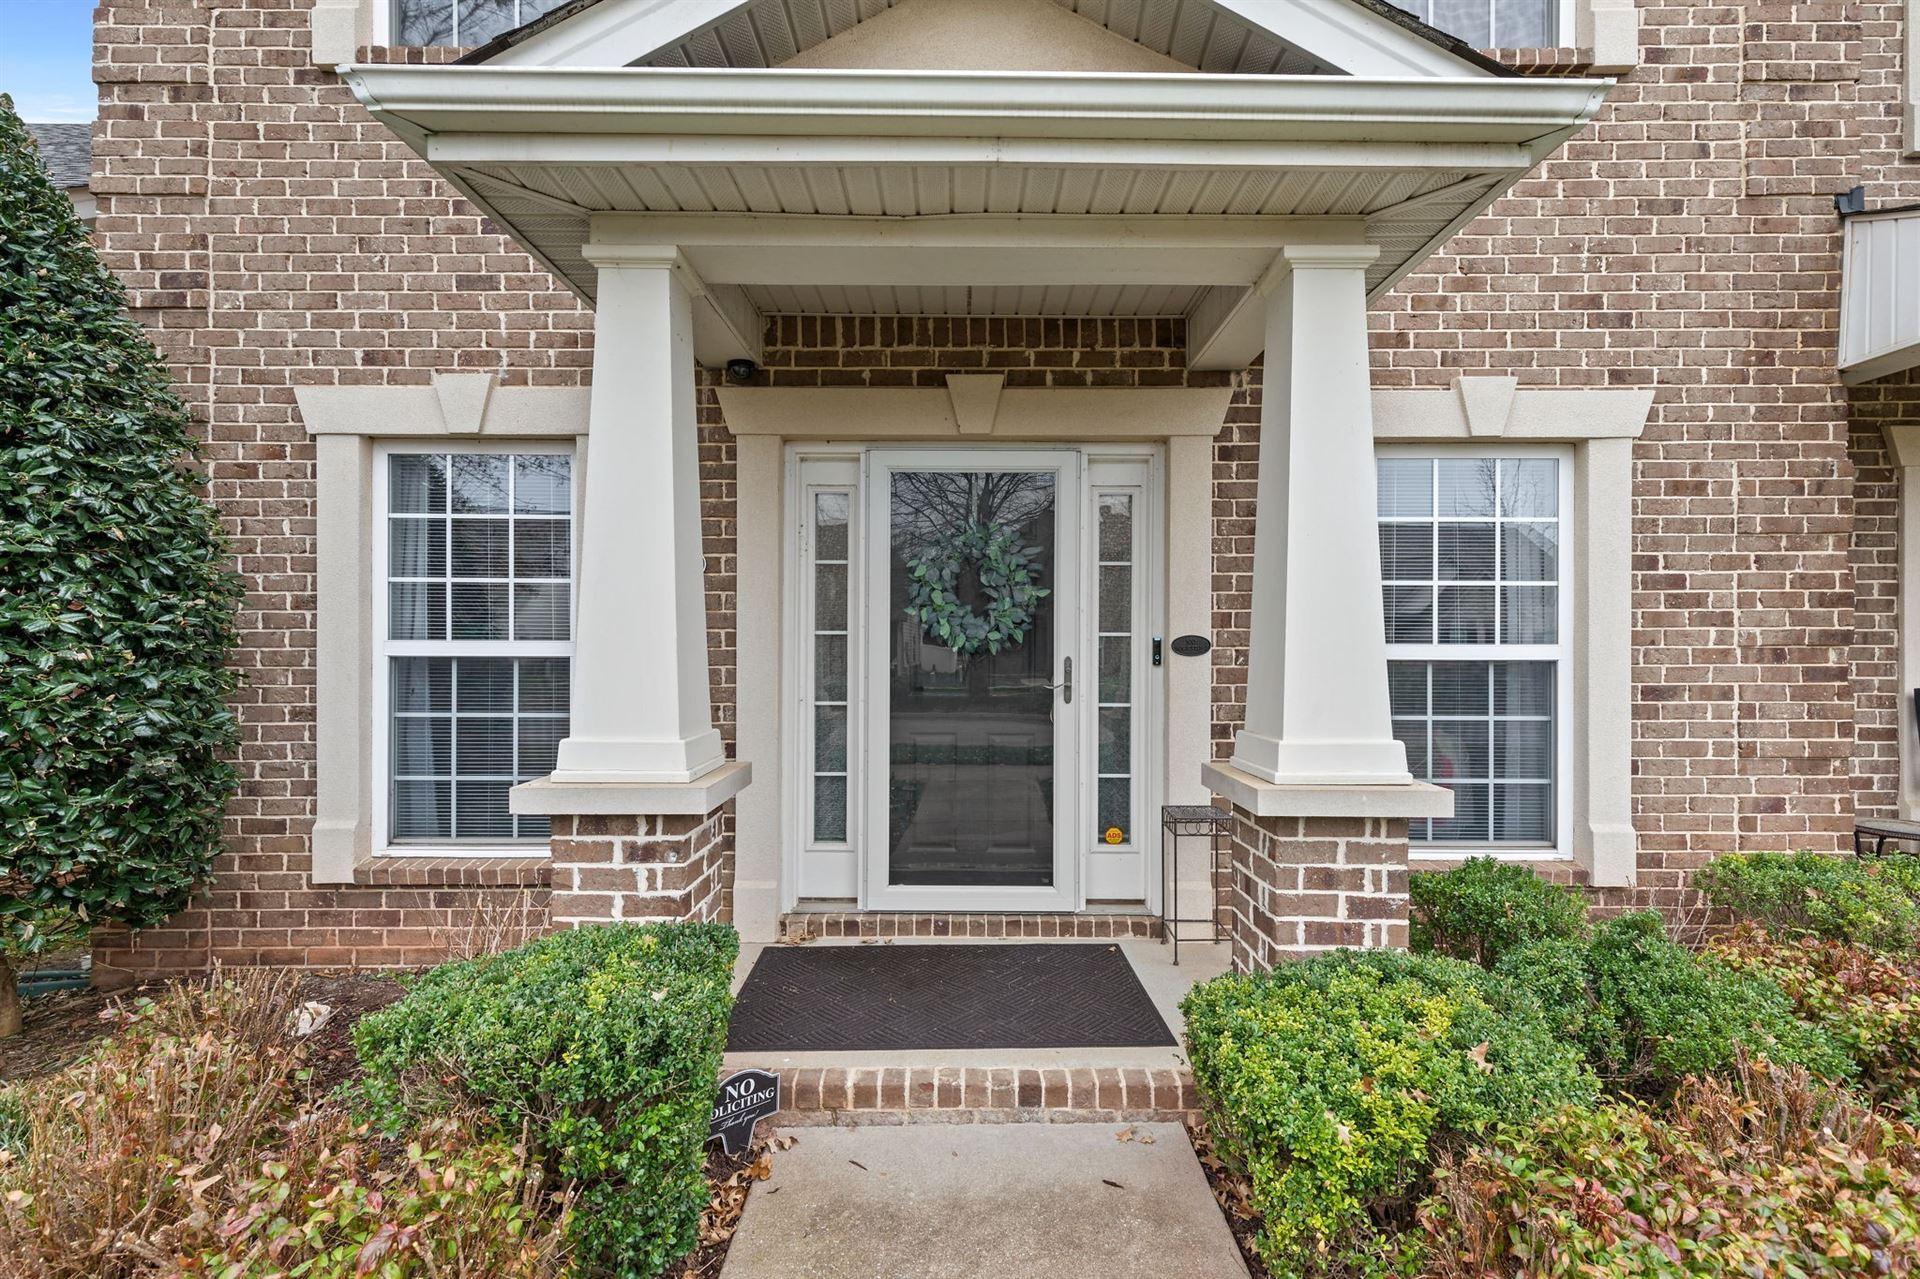 Photo of 2282 Cason Ln, Murfreesboro, TN 37128 (MLS # 2243876)